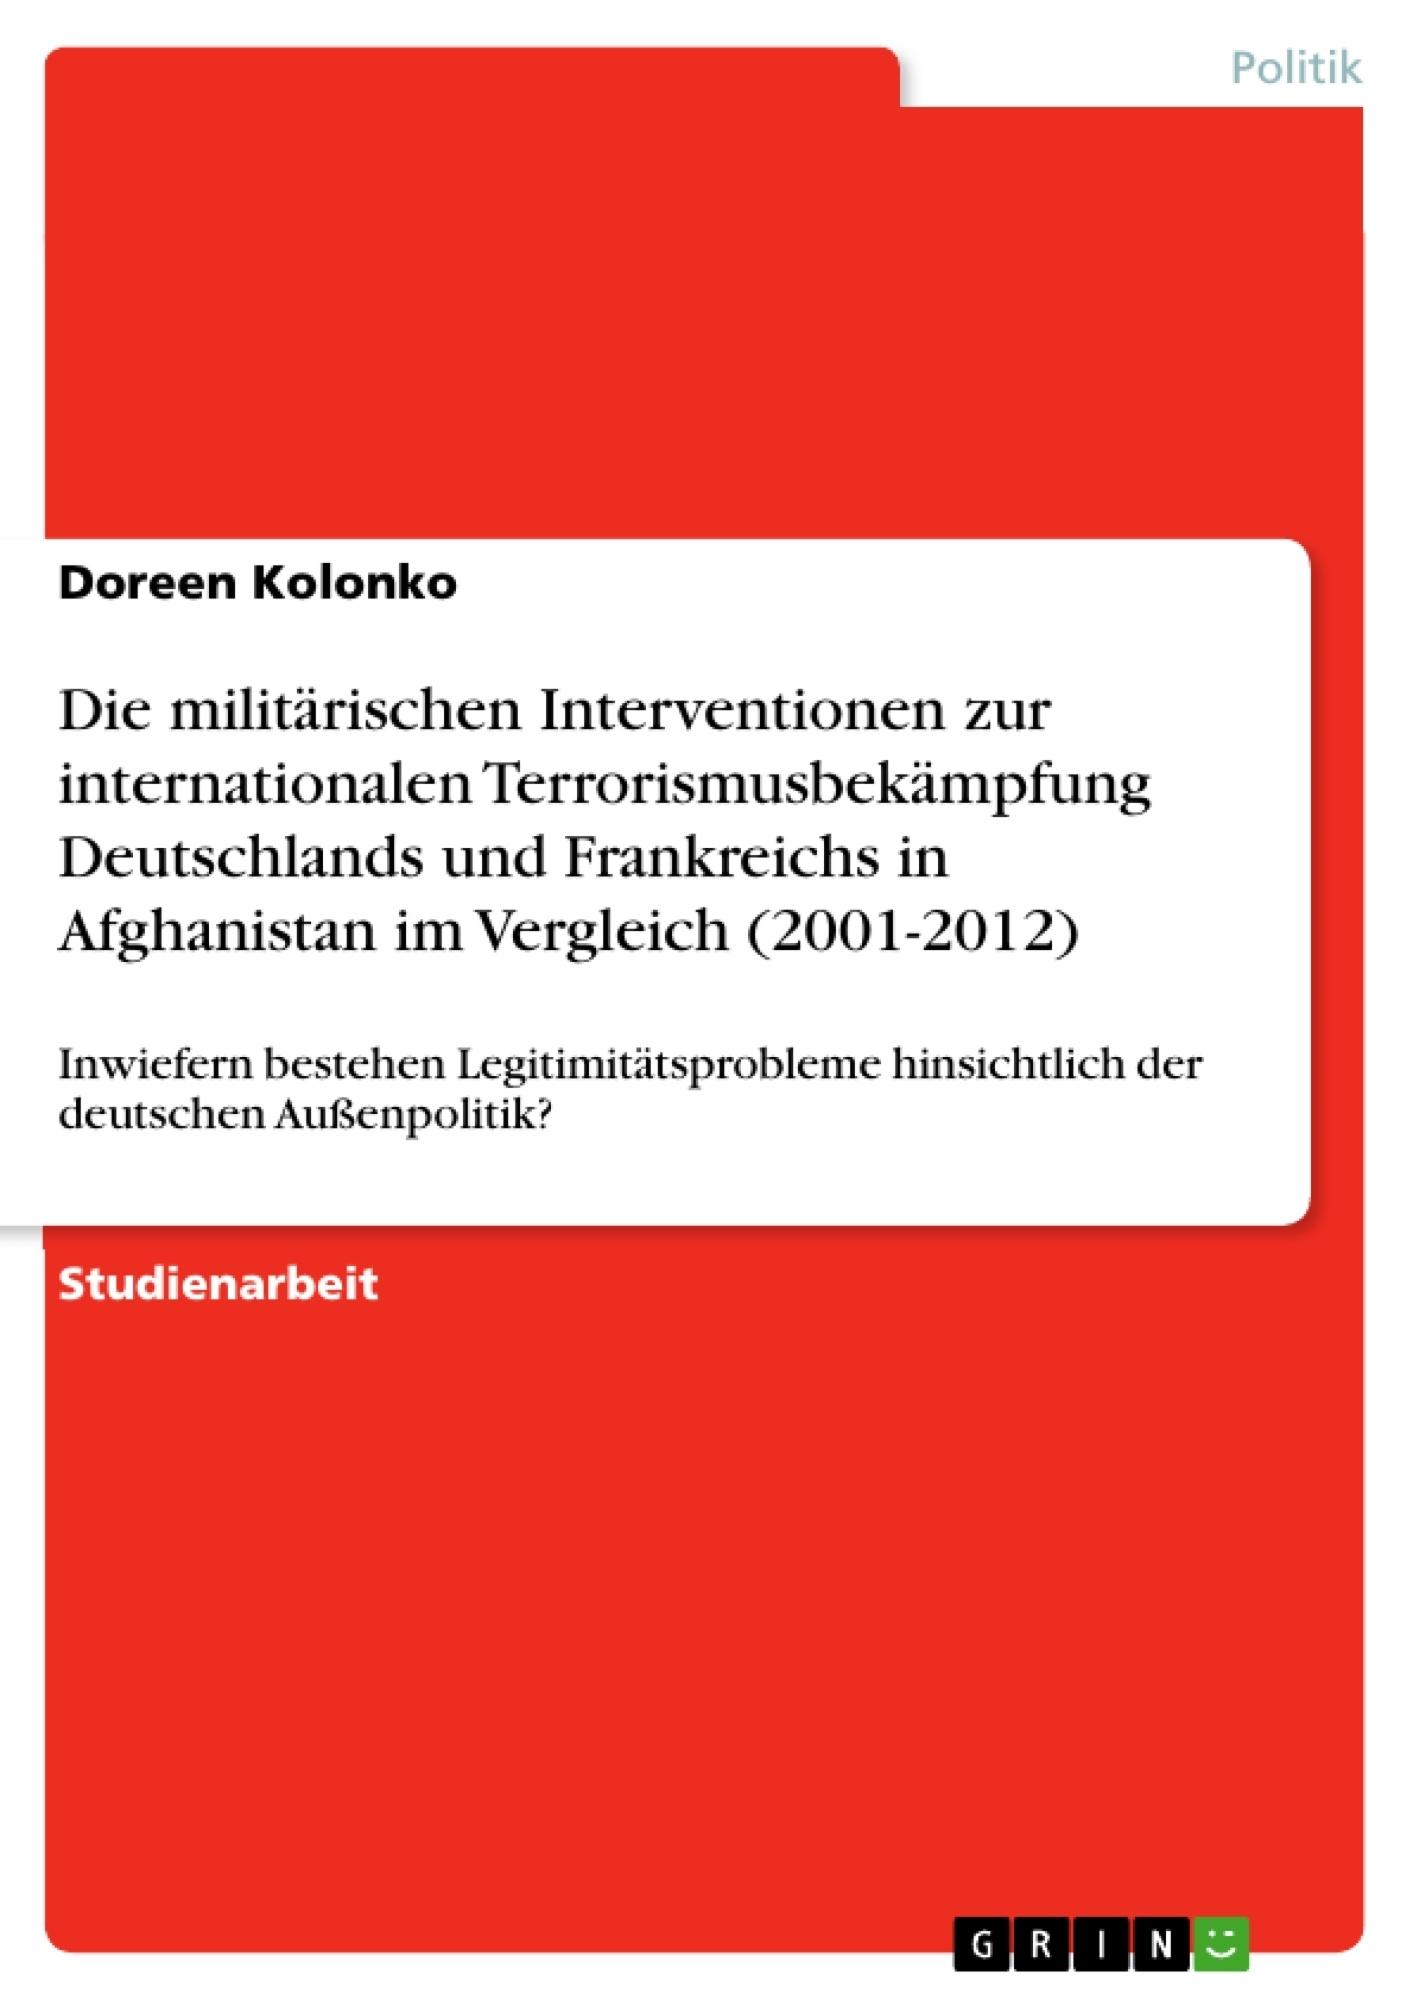 Titel: Die militärischen Interventionen zur internationalen Terrorismusbekämpfung Deutschlands und Frankreichs in Afghanistan im Vergleich (2001-2012)